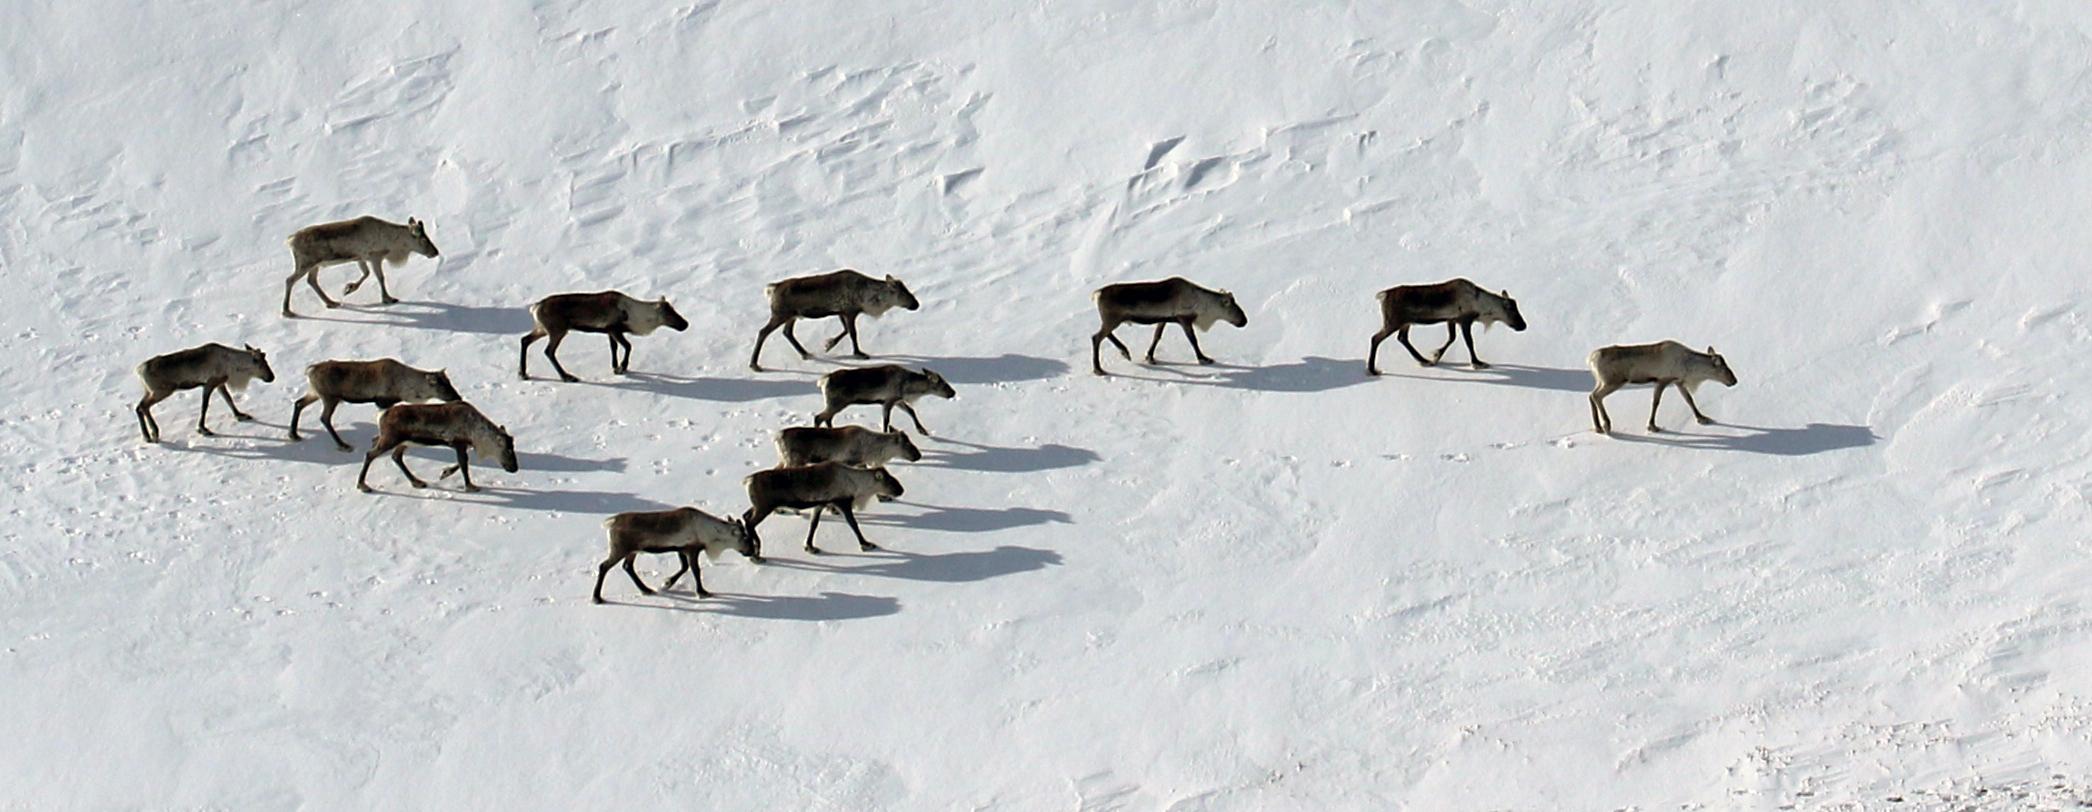 13 bukker fotografert vest for Storhiåsjøen. I en annen hop på samme sted var det 44 bukker. Foto: A. Nyaas